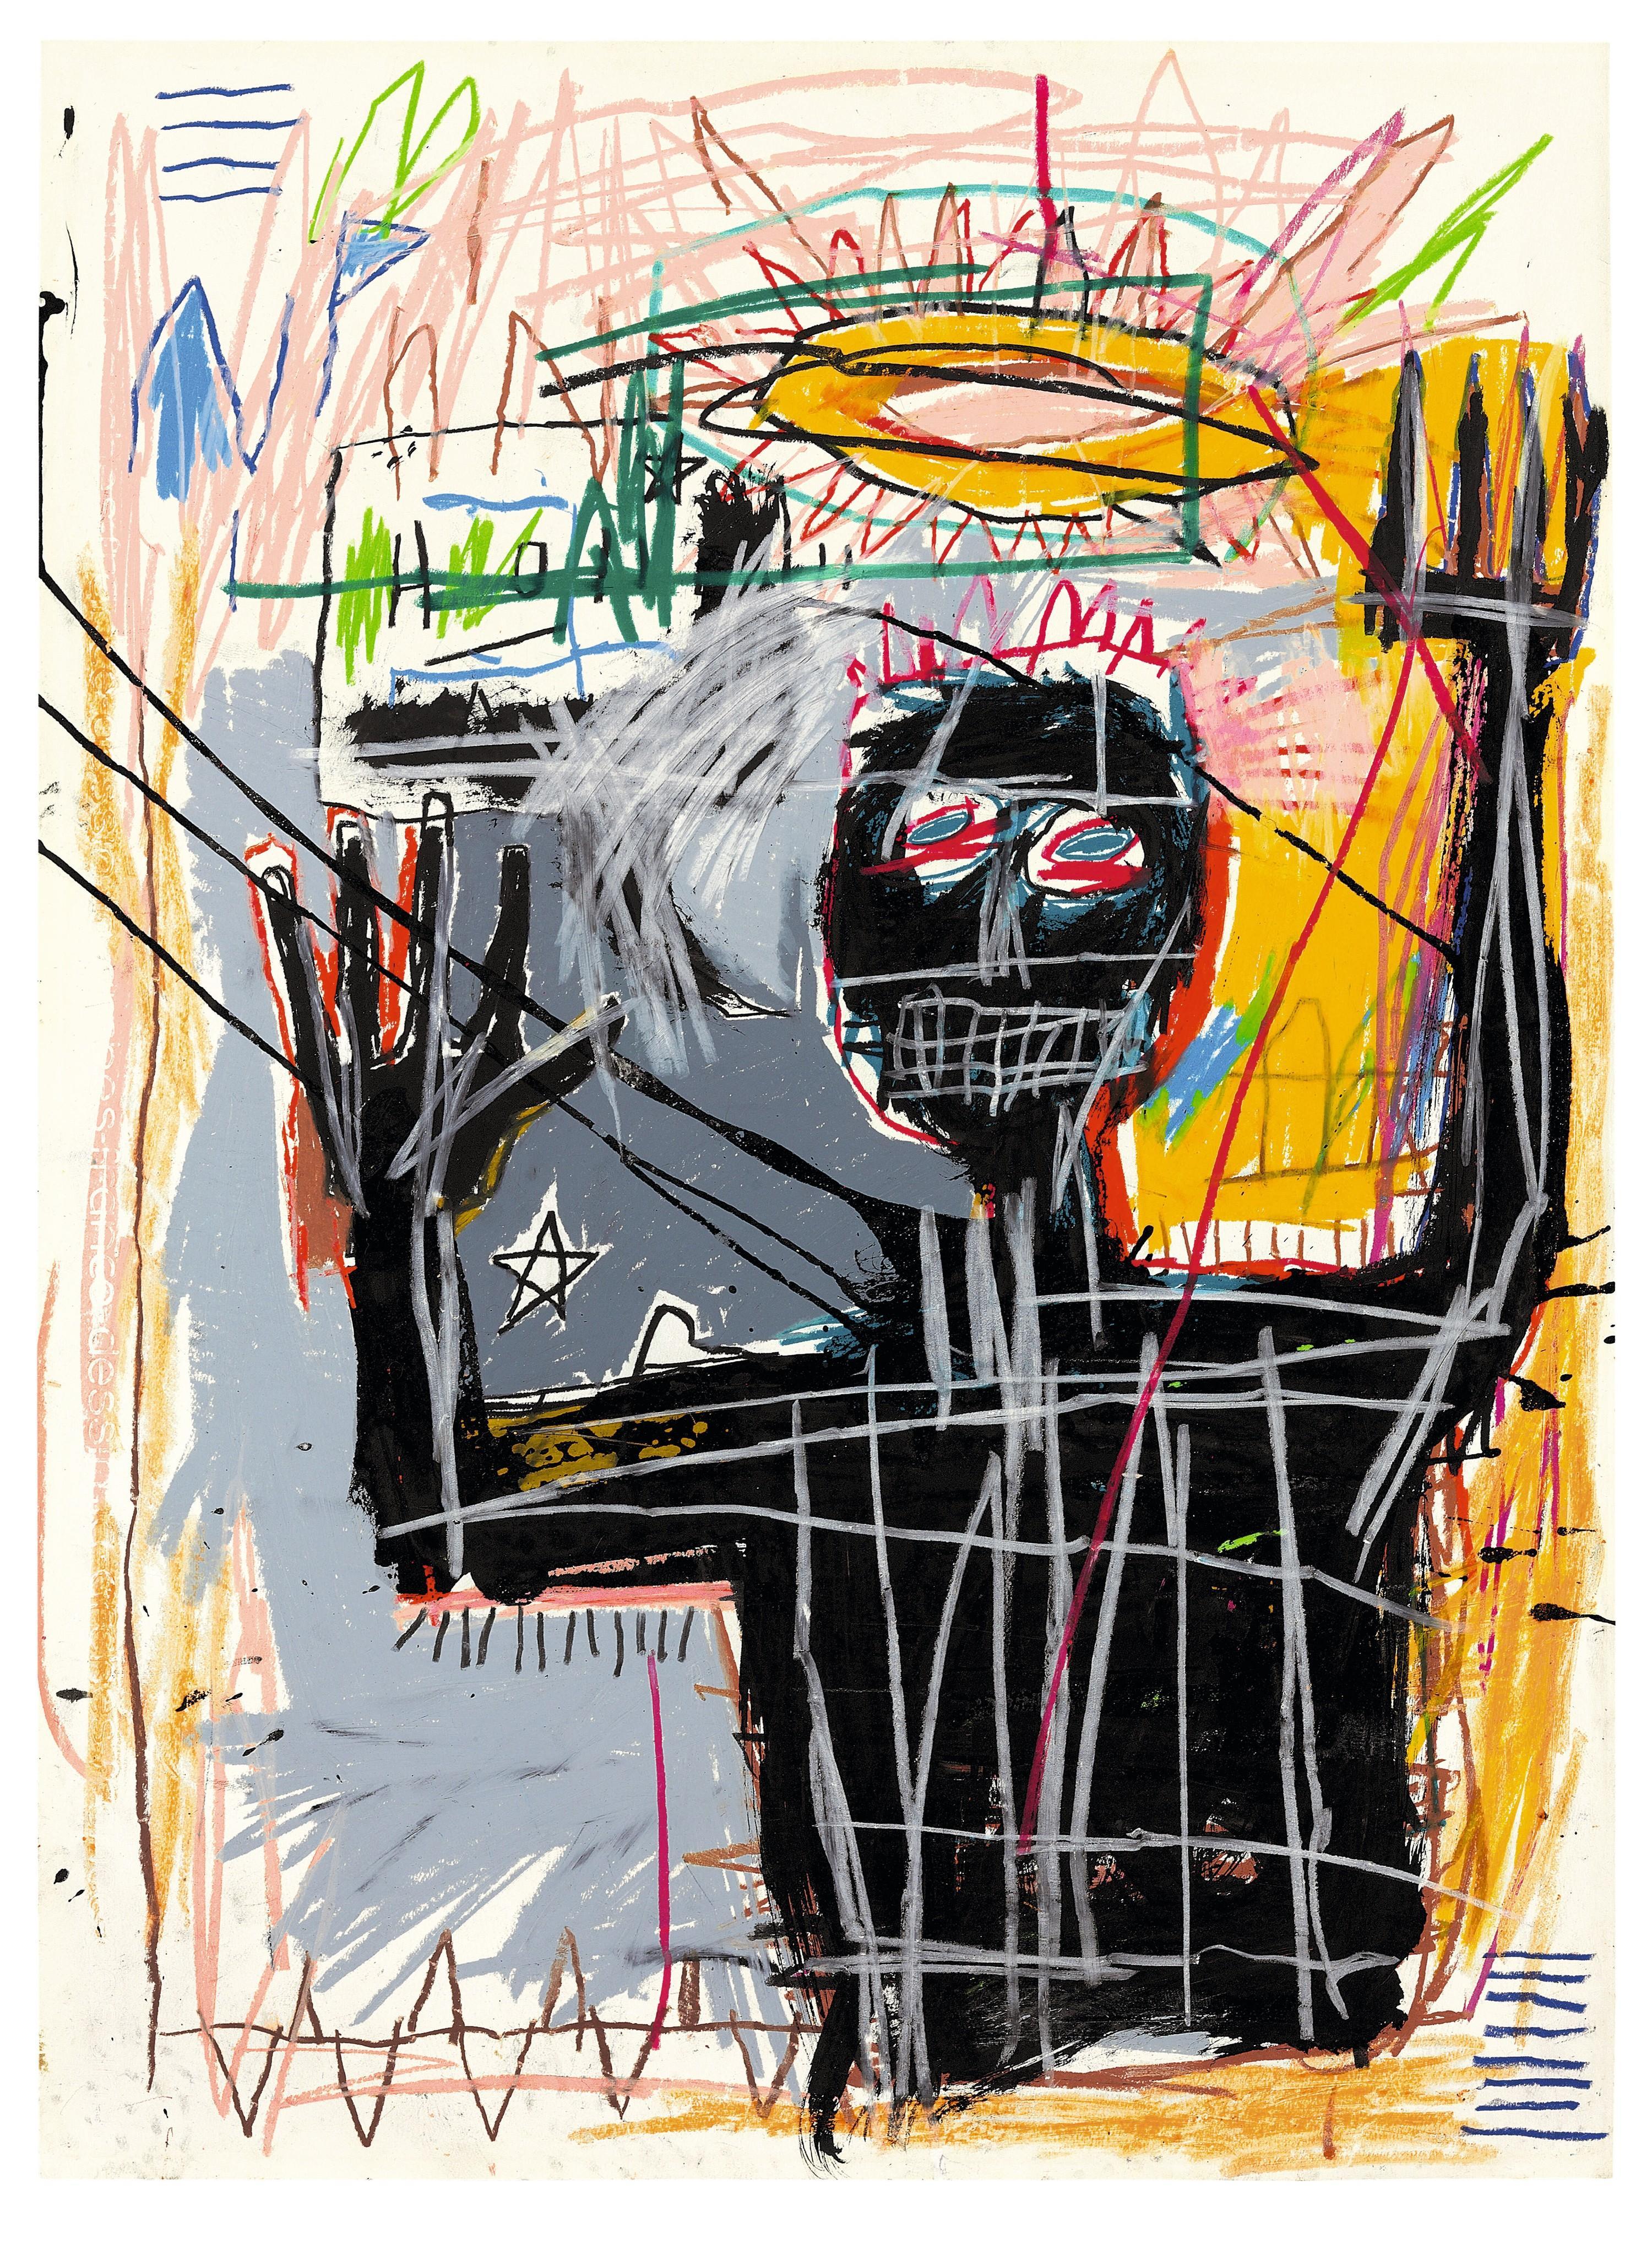 Jean-Michel Basquiat, Furious Man, 1982, bâton à l'huile, acrylique, crayon gras et encre sur papier, 76 × 56 cm, collection privée.